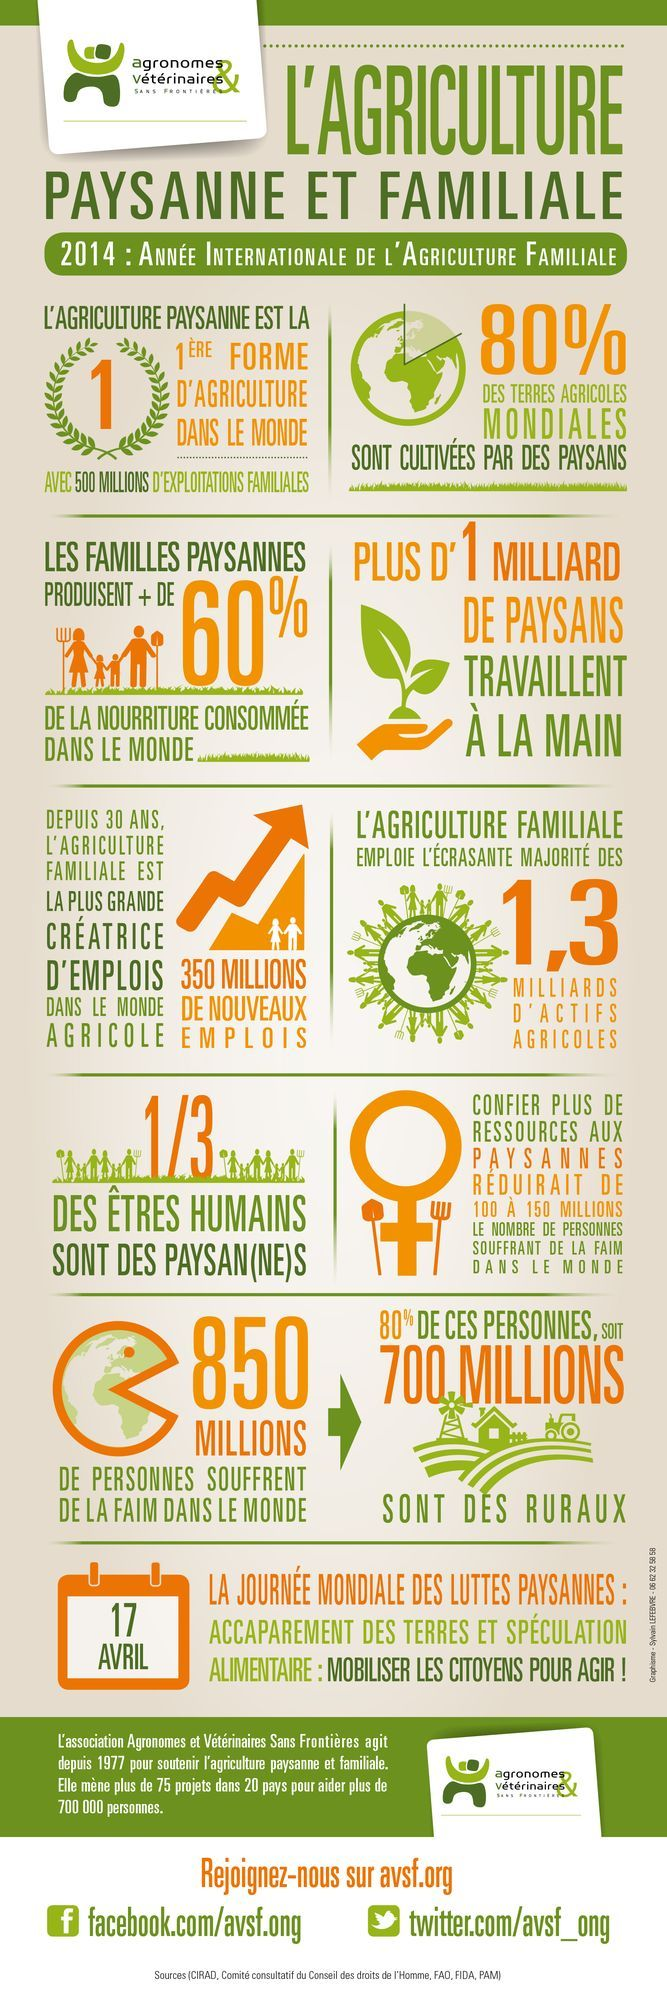 2014, Année Internationale de l'Agriculture Familiale! Mais qu'est-ce que l'agriculture familiale? En quoi est-elle différente de l'agriculture industrielle? AVSF soutient depuis 1977 l'agriculture paysanne